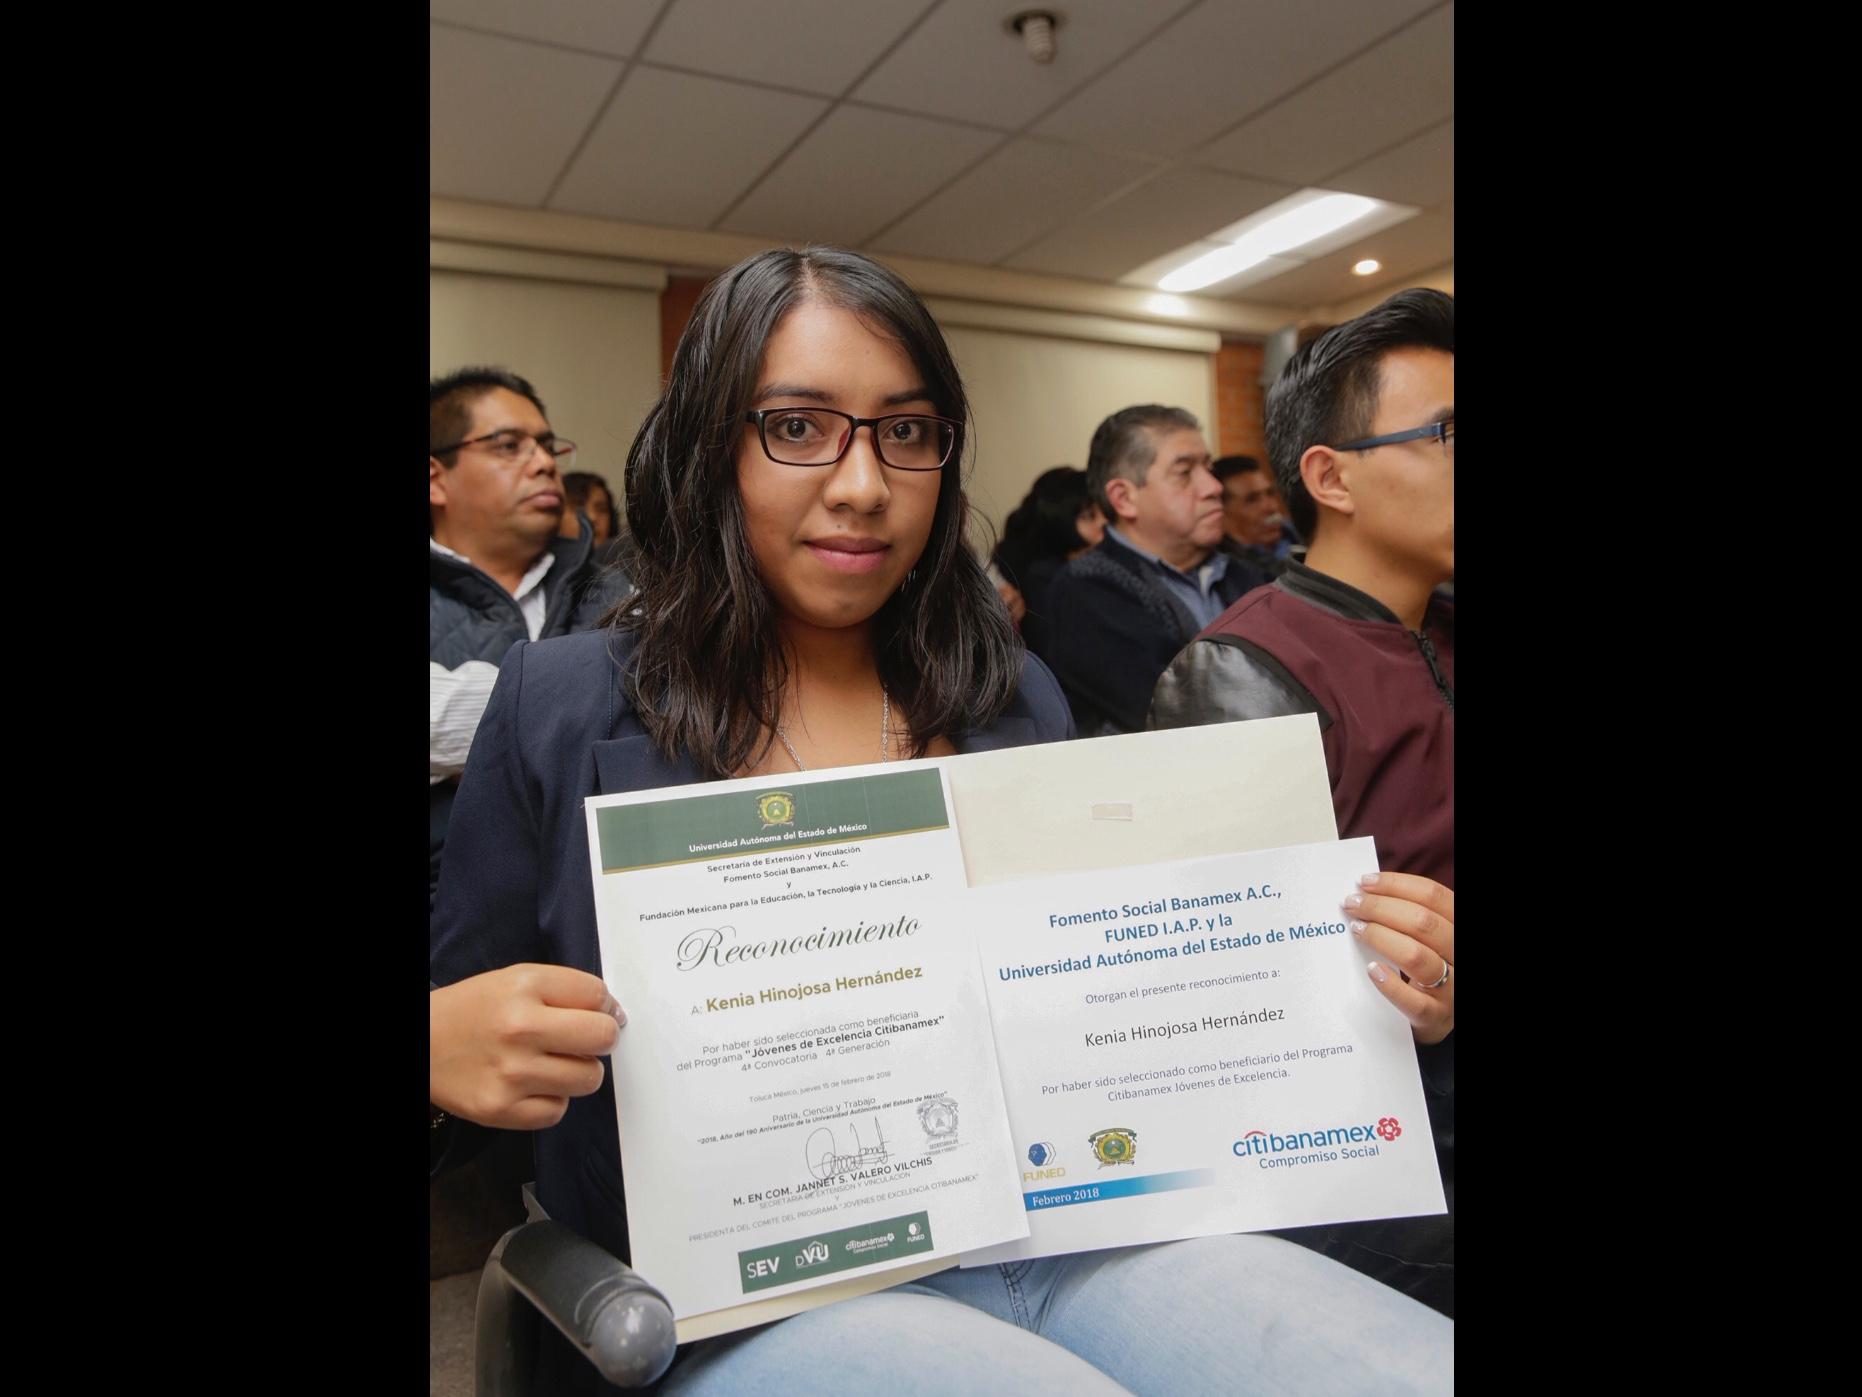 Exporta UAEM estudiantes de posgrado